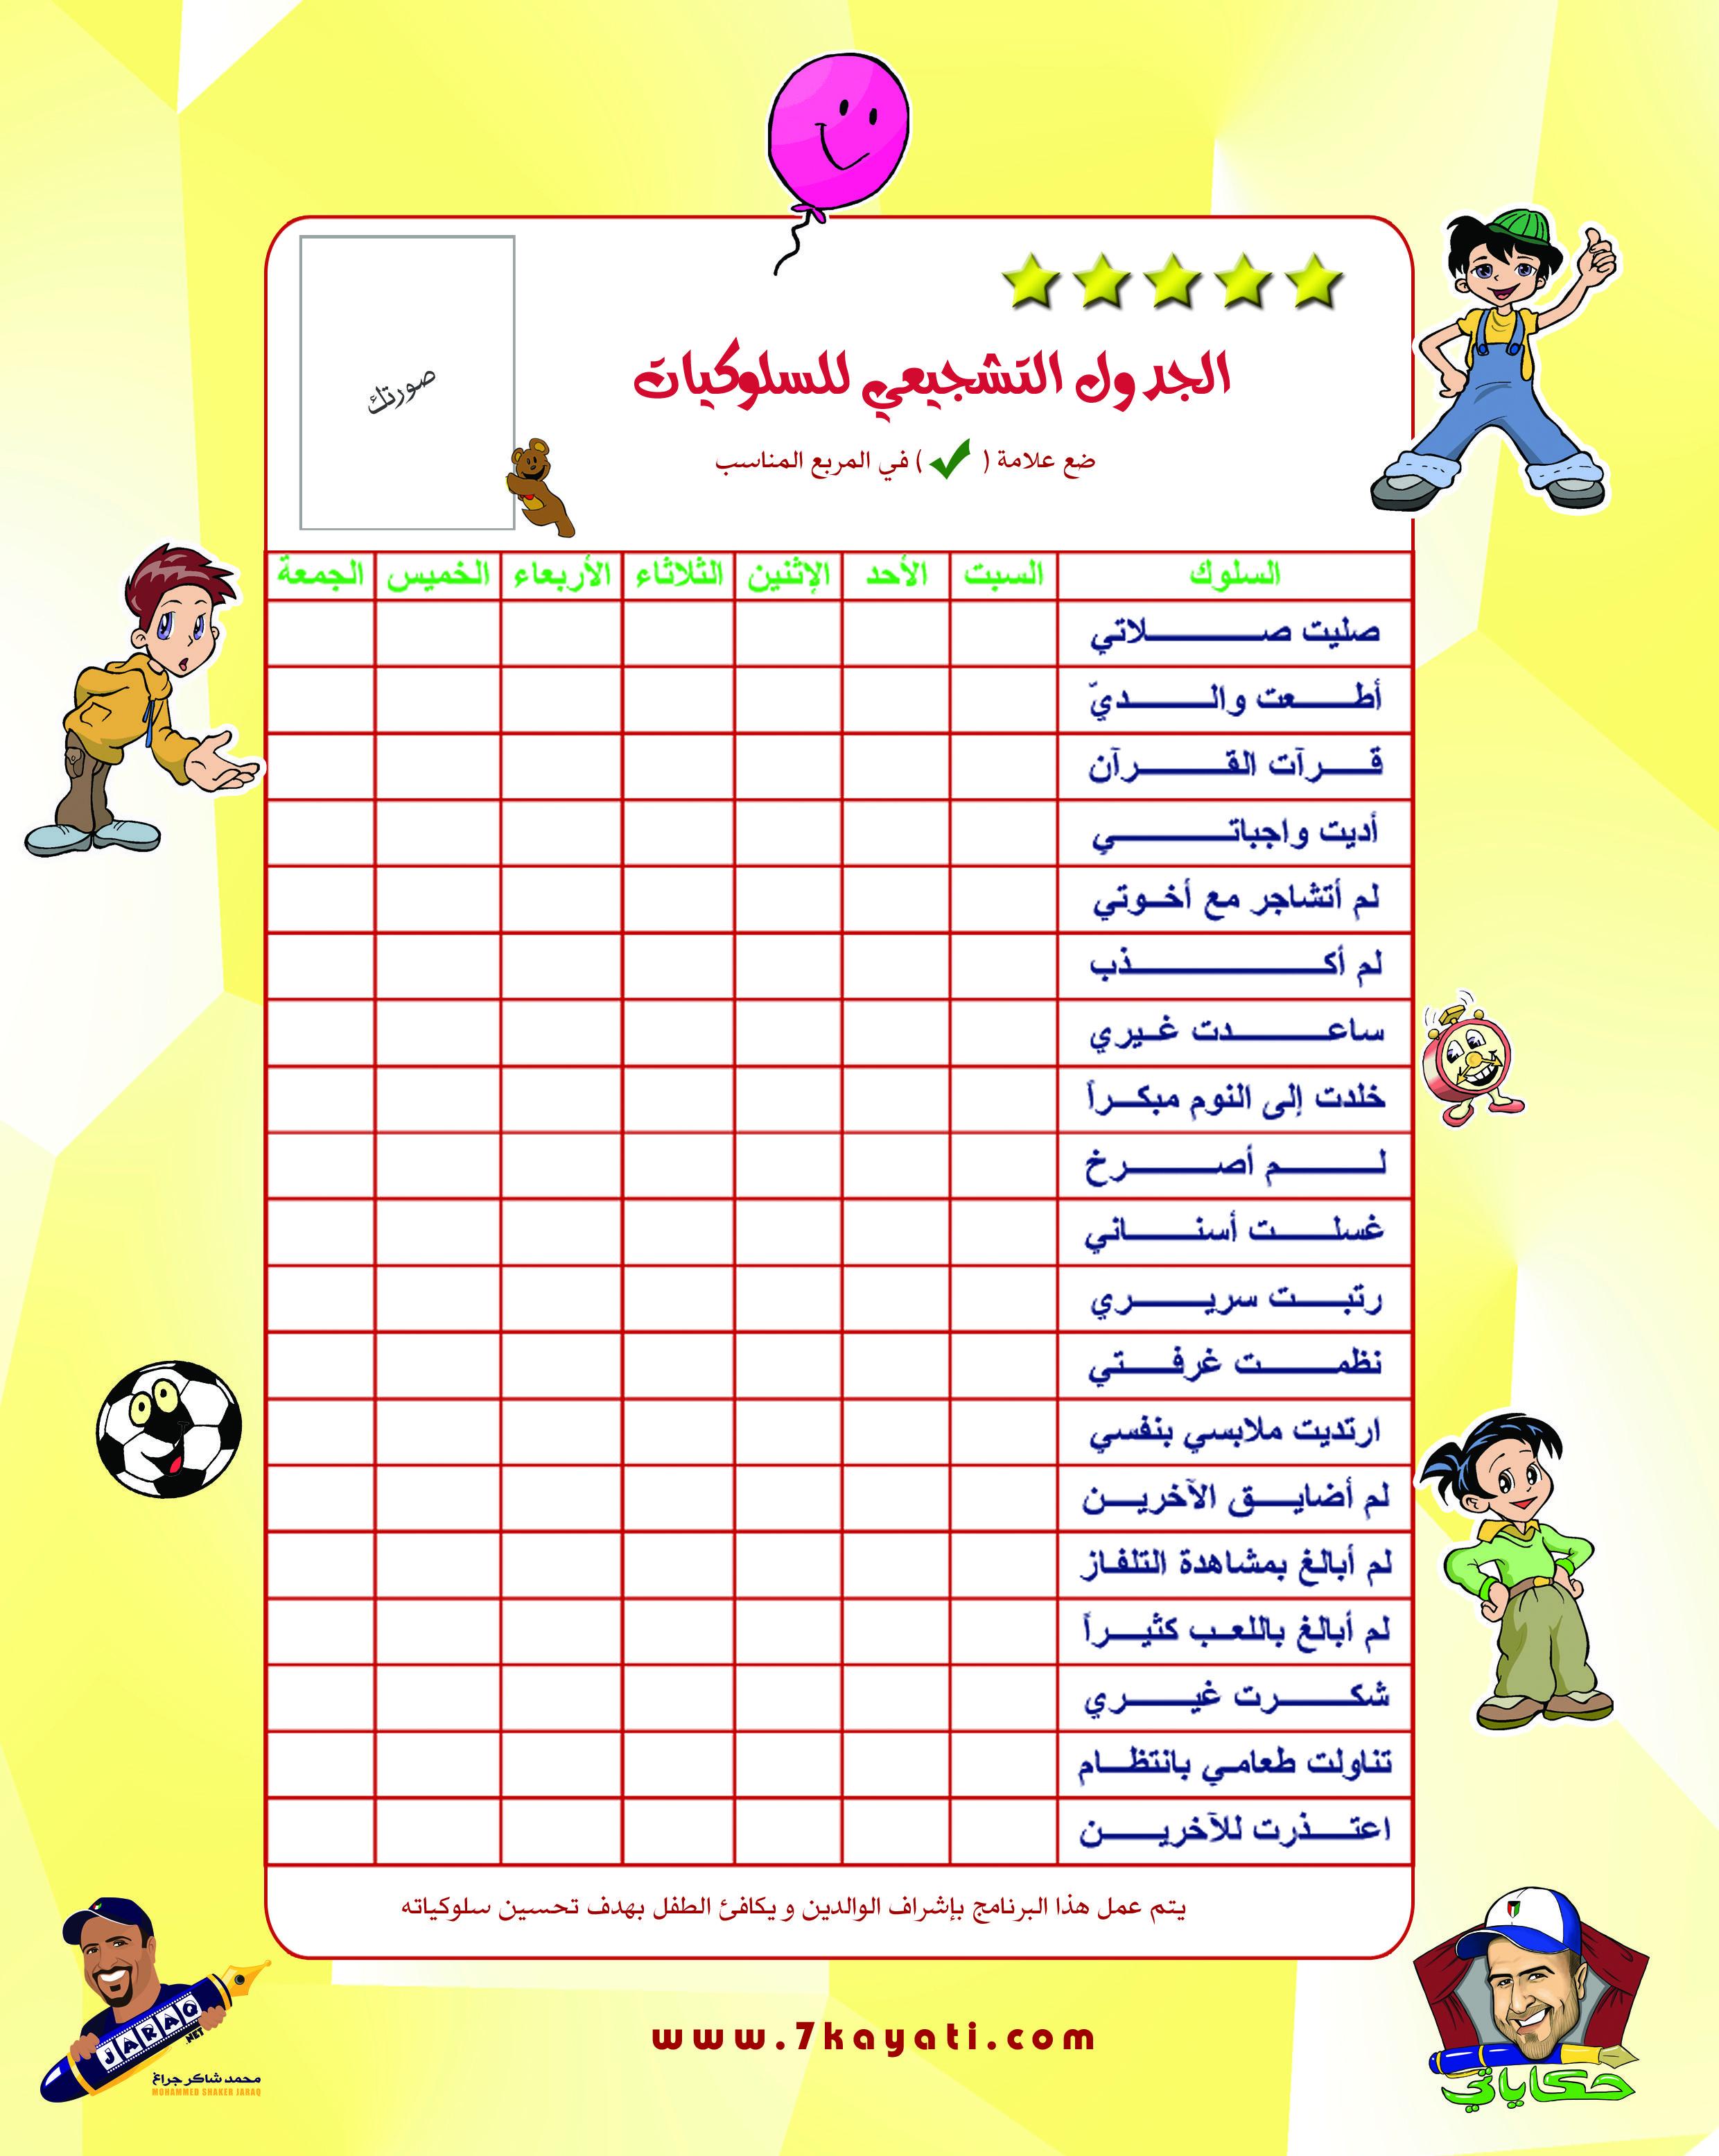 هدية من تصميمي الجدول التشجيعي لسلوكيات الطفل Islamic Kids Activities Muslim Kids Activities Kids Planner